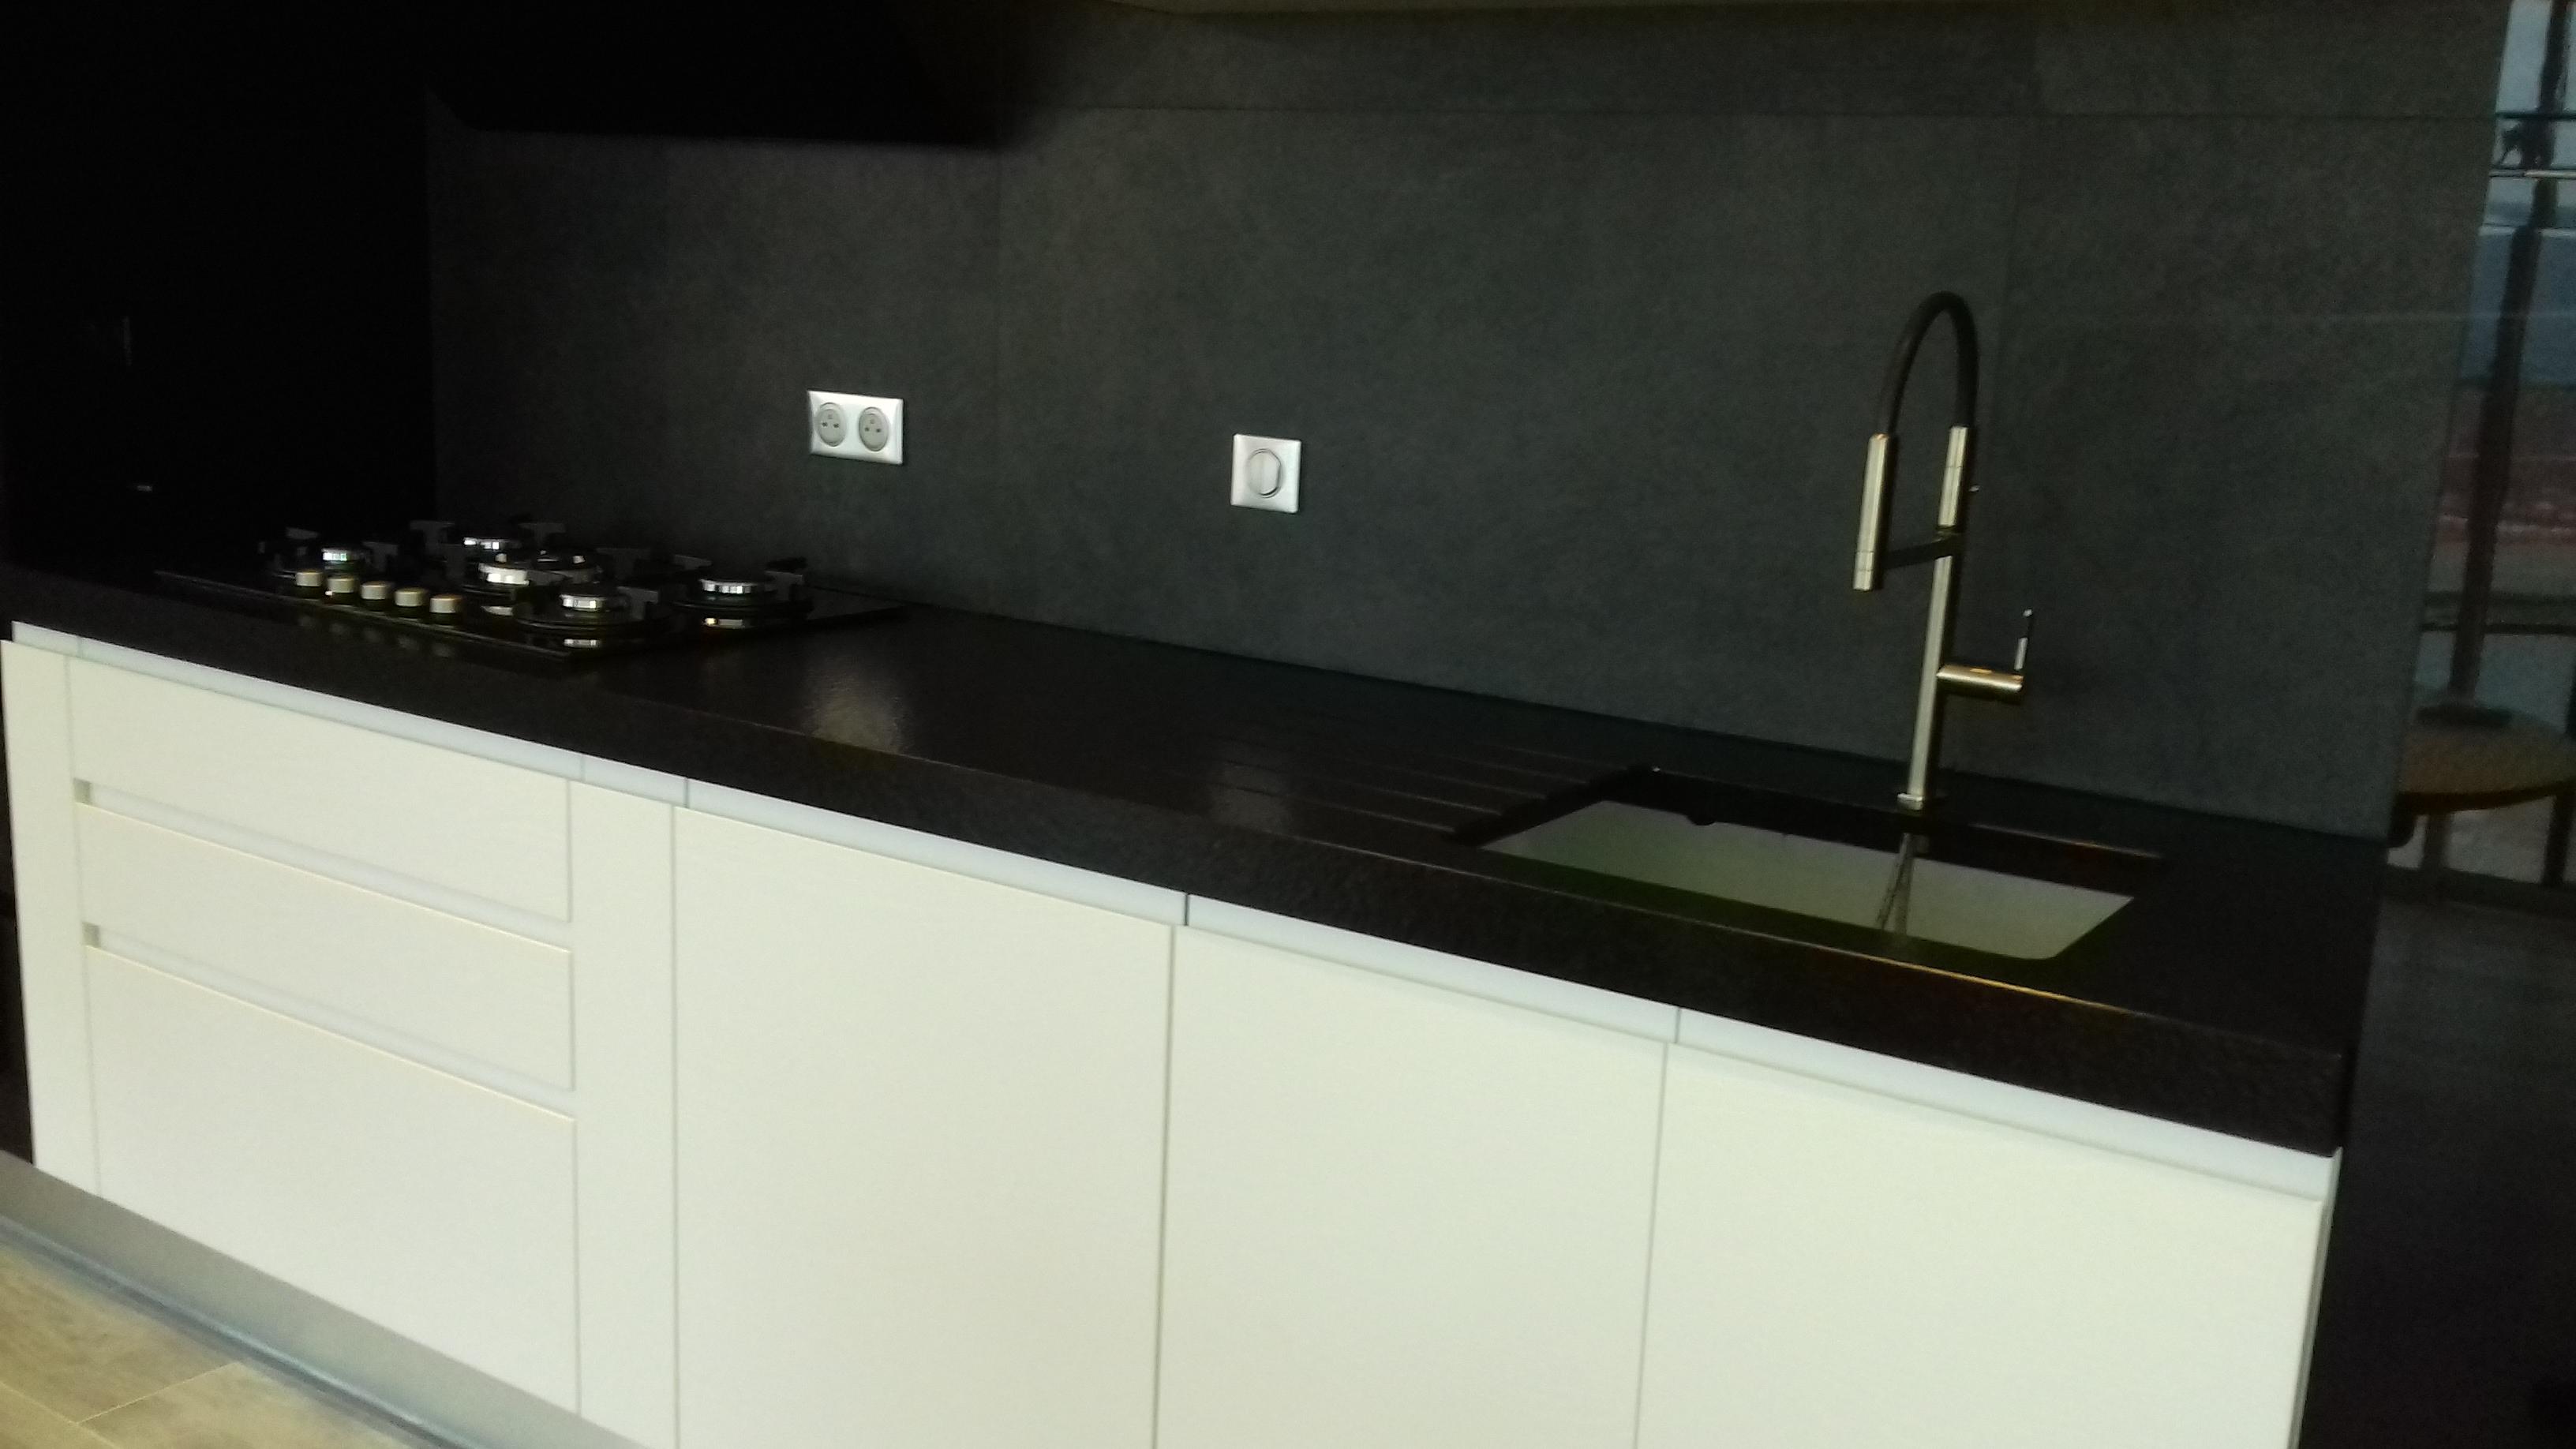 plan de travail en dekton free re et me photos plan de travail en dekton by cosentino me photo. Black Bedroom Furniture Sets. Home Design Ideas